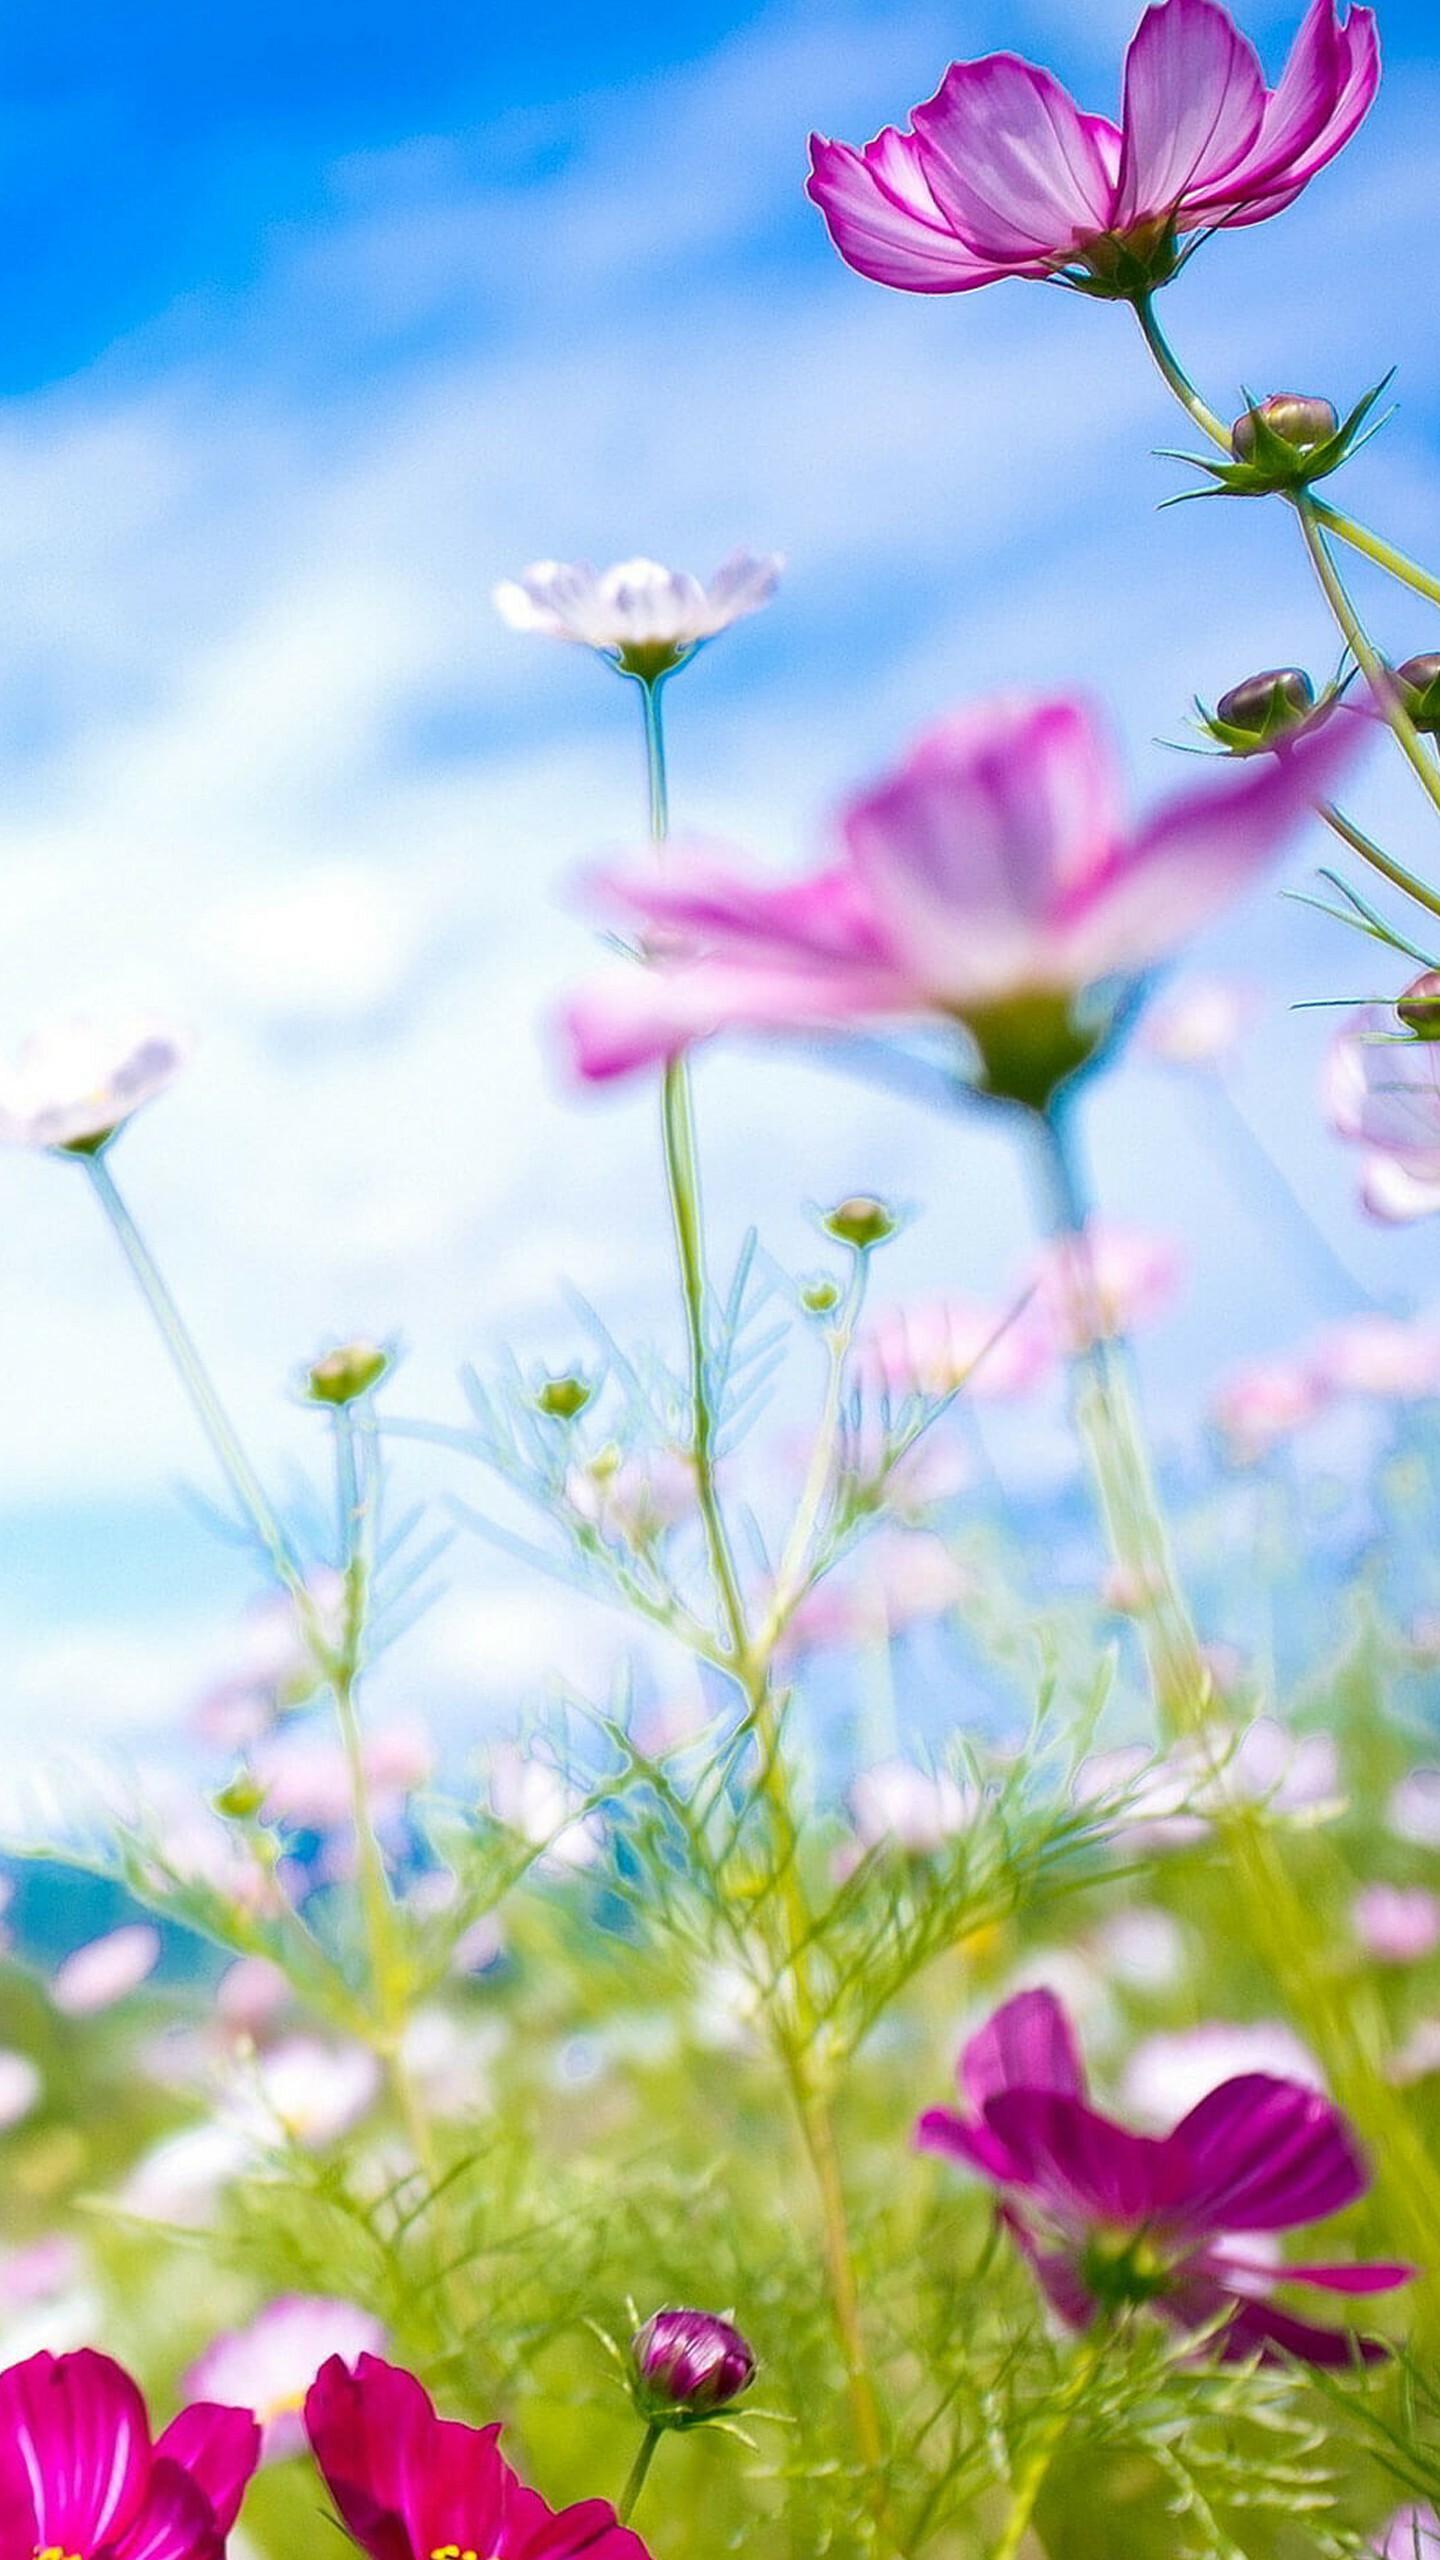 Images Quelques fonds d'écran de printemps pour votre smartphone - Nokians - La parole aux ...